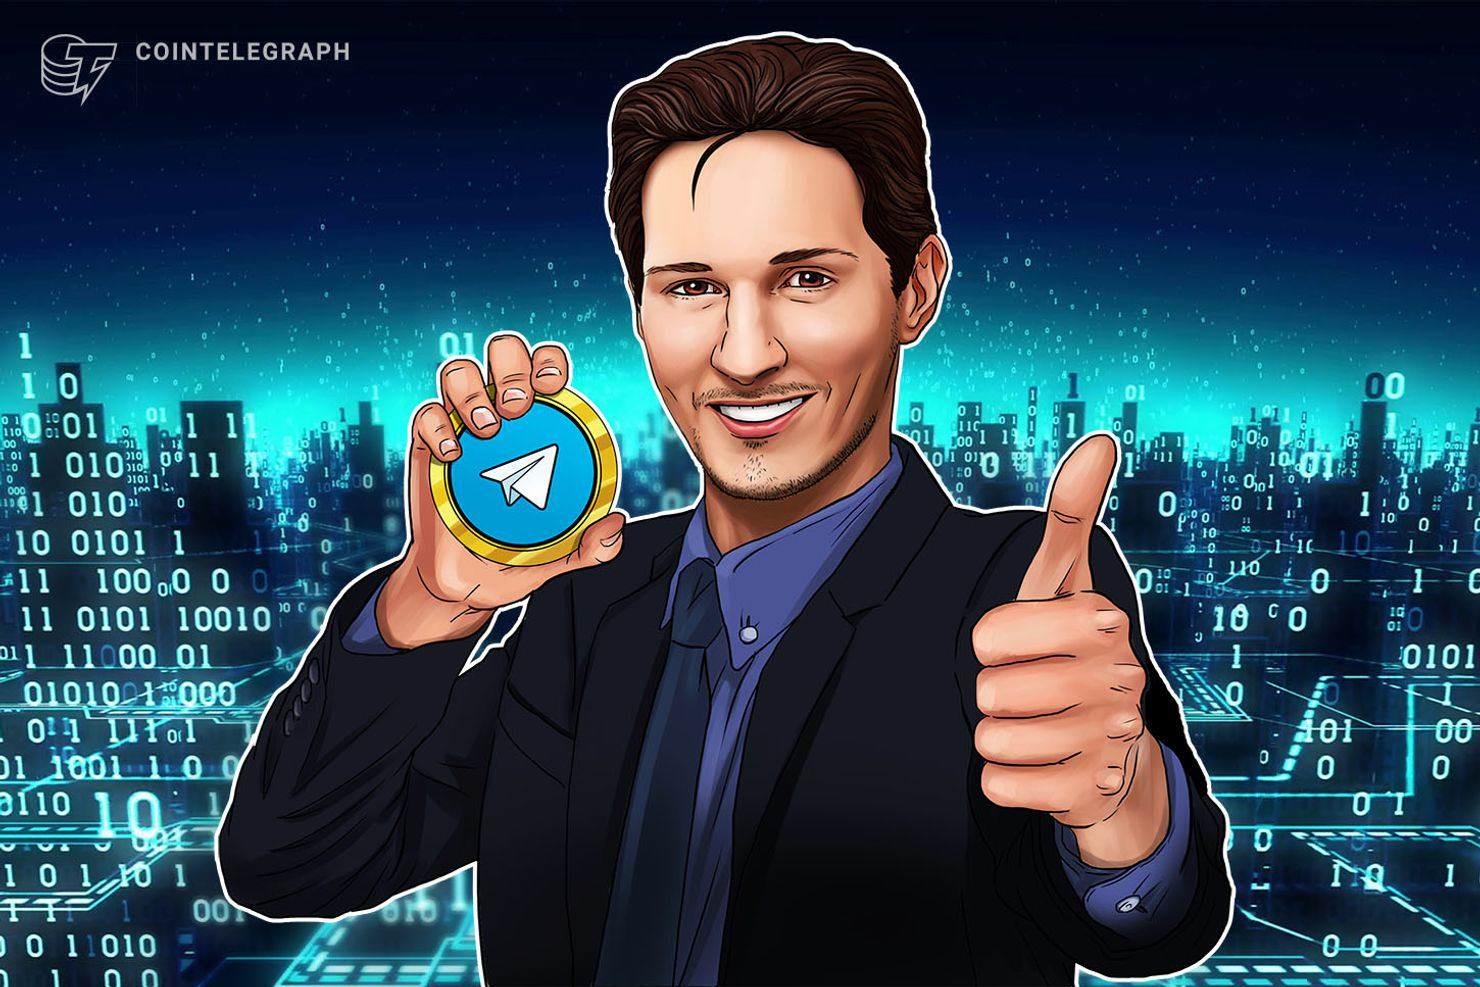 آیا تلگرام از نسخه آزمایشی پلت فرم TON در پاییز امسال رونمایی می کند؟